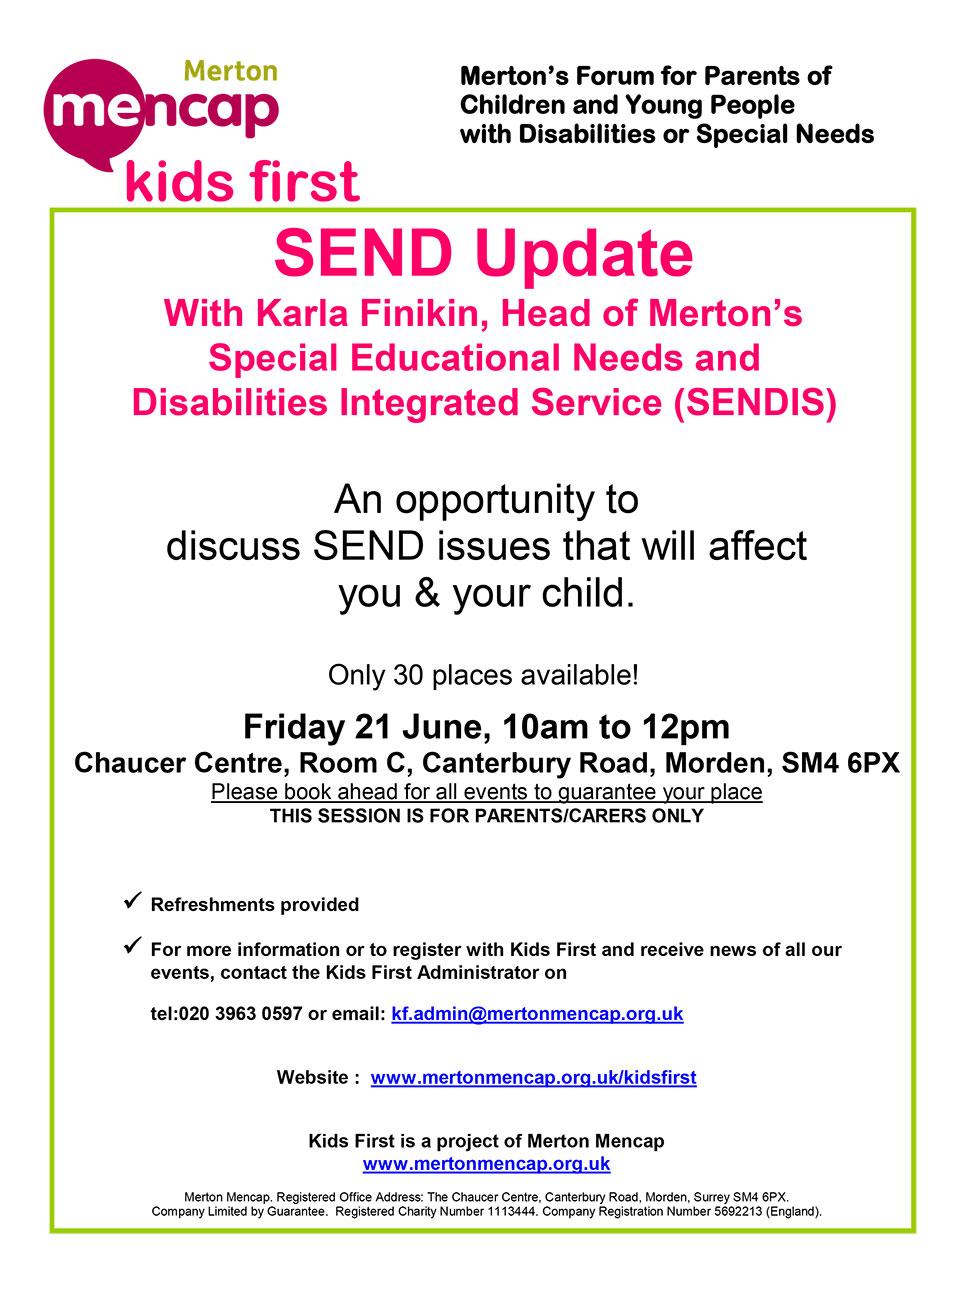 Kids First Event: SEND Update, Friday 21 June – Wimbledon